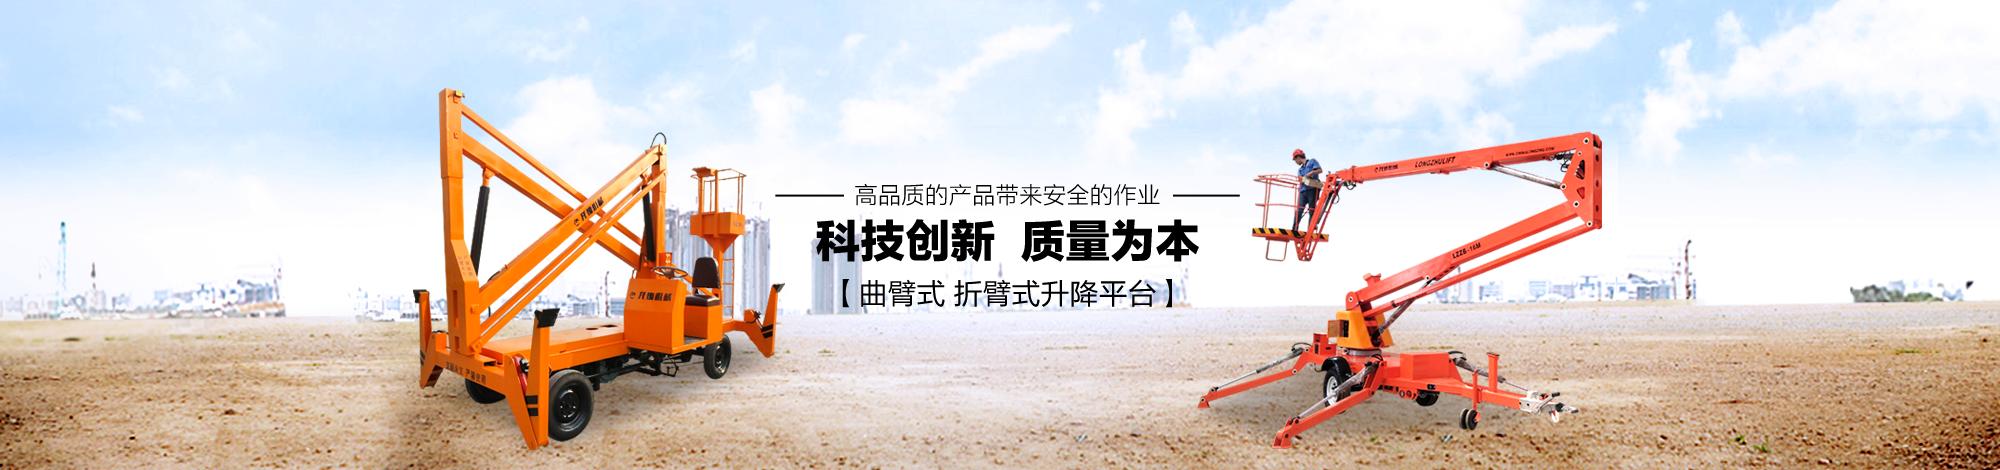 济南龙铸液压机械有限公司